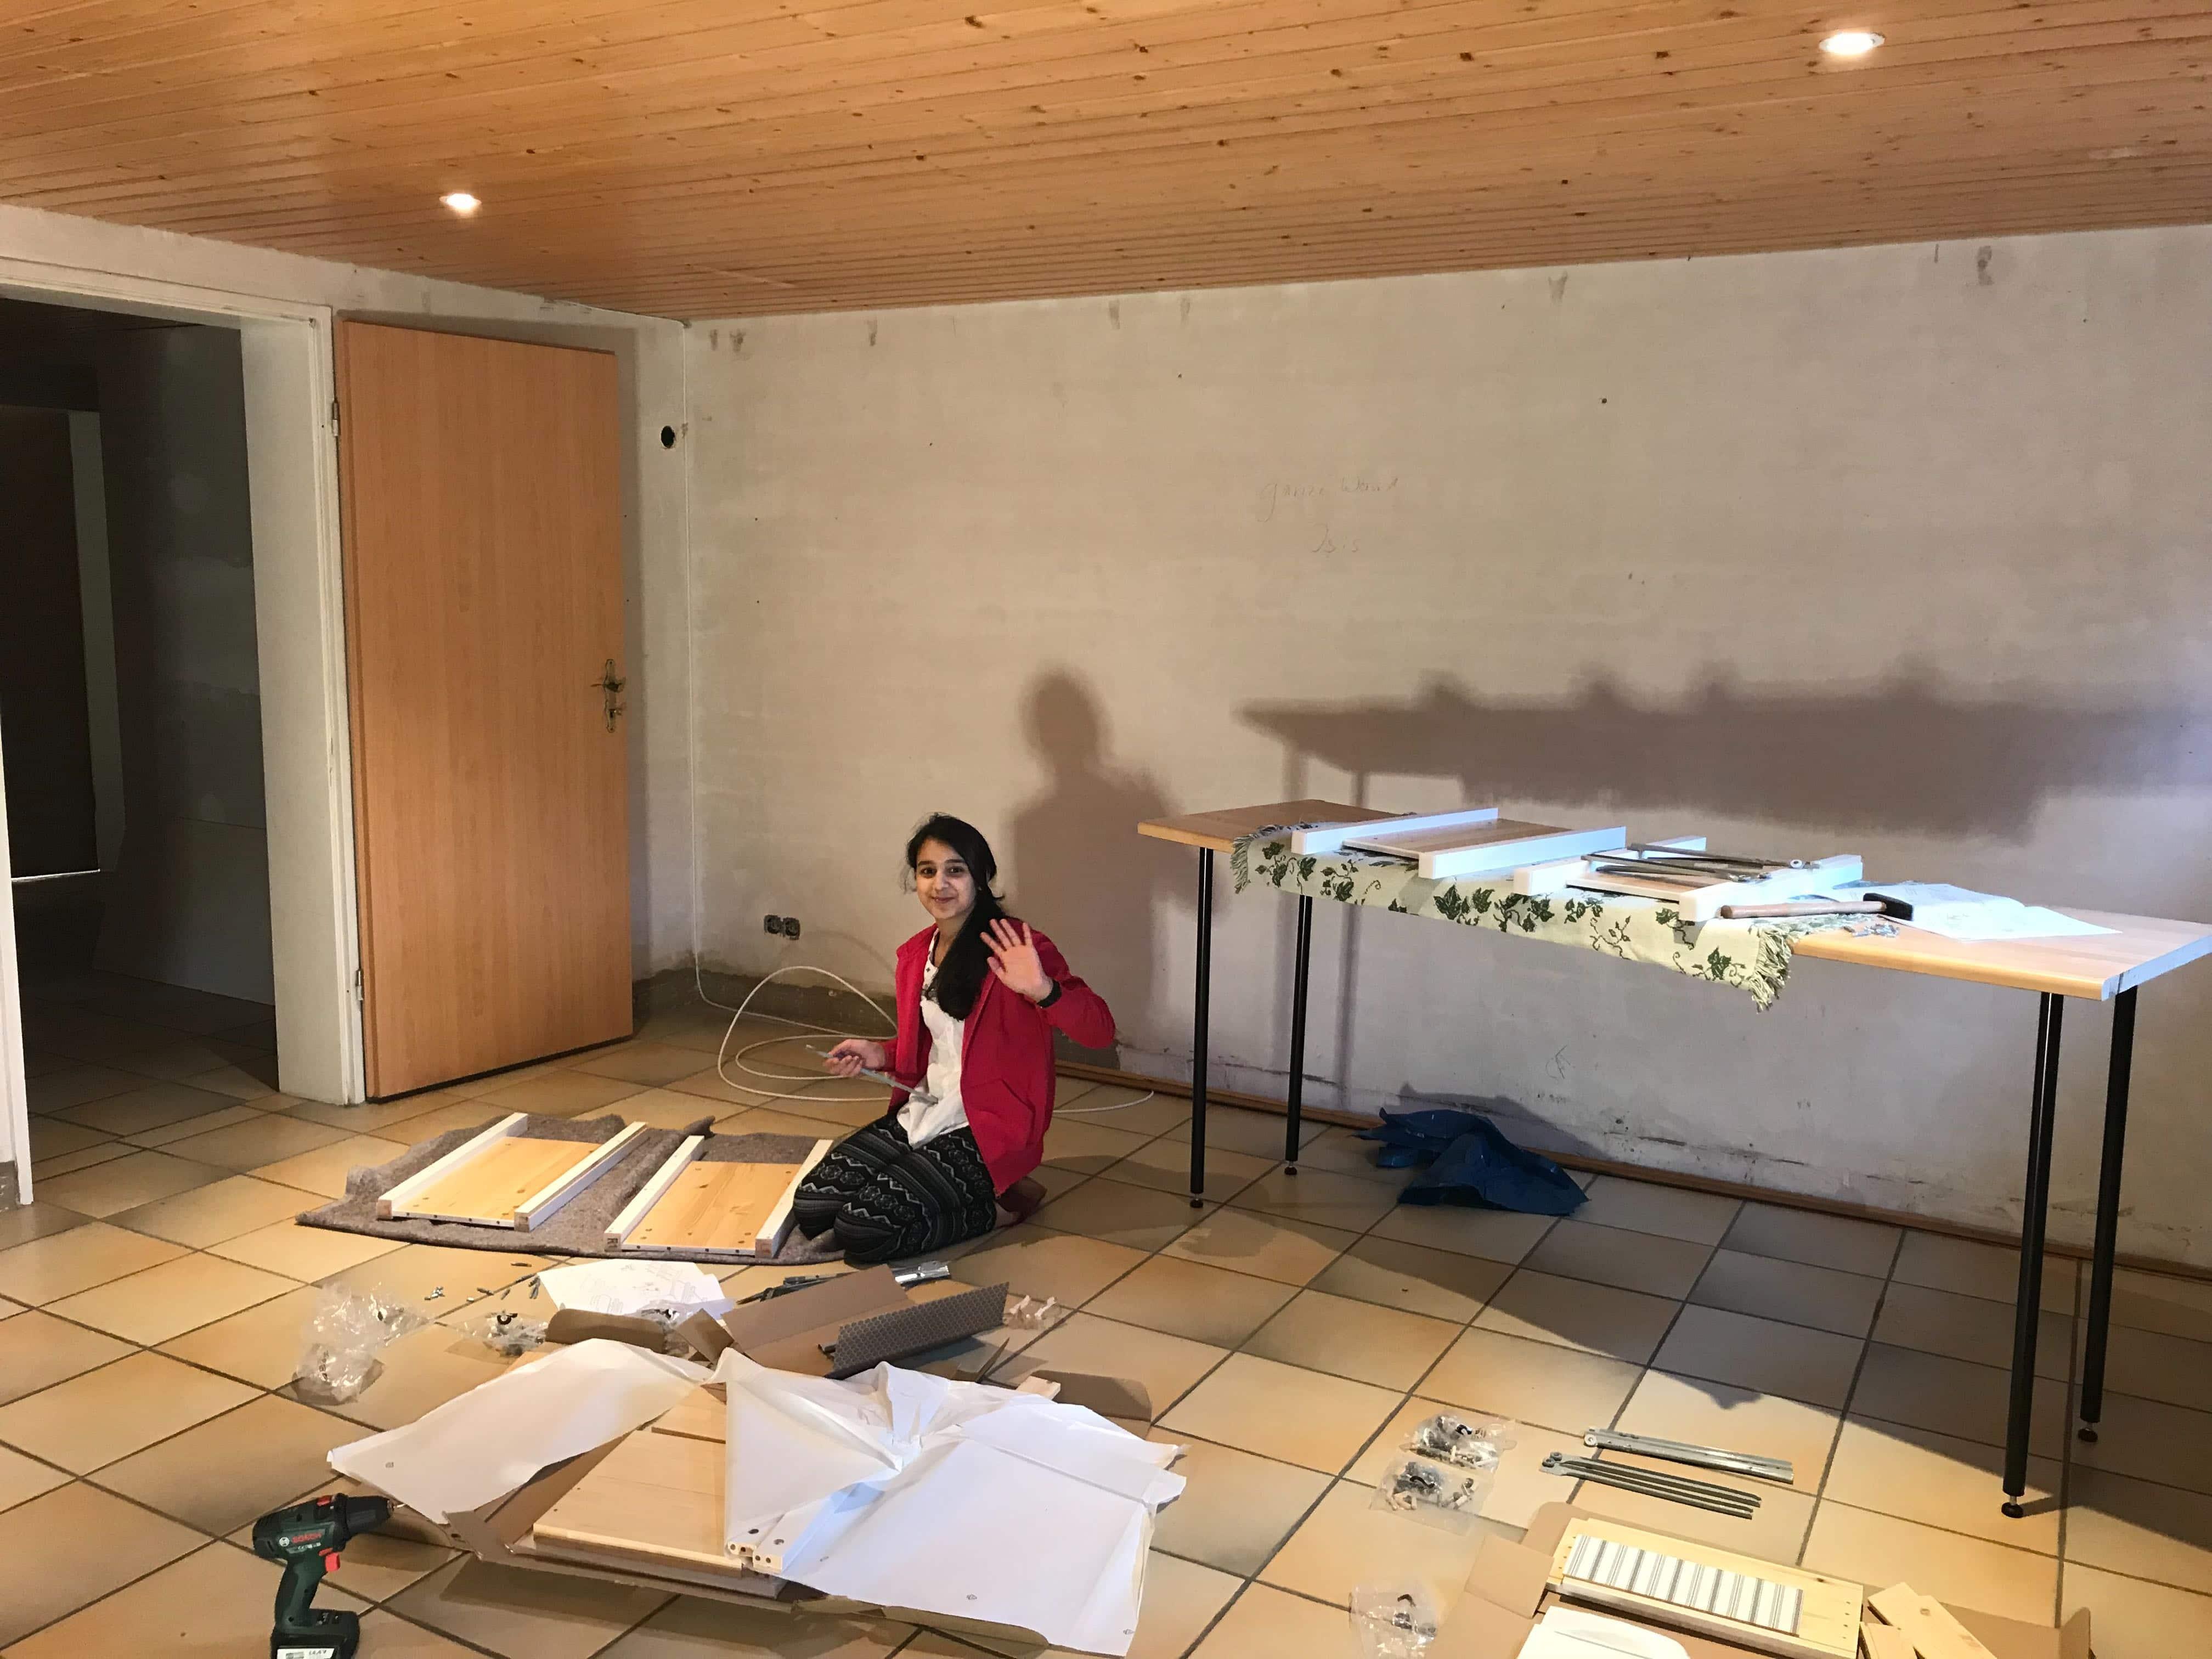 Bau der Möbel für die Ferienwohnung